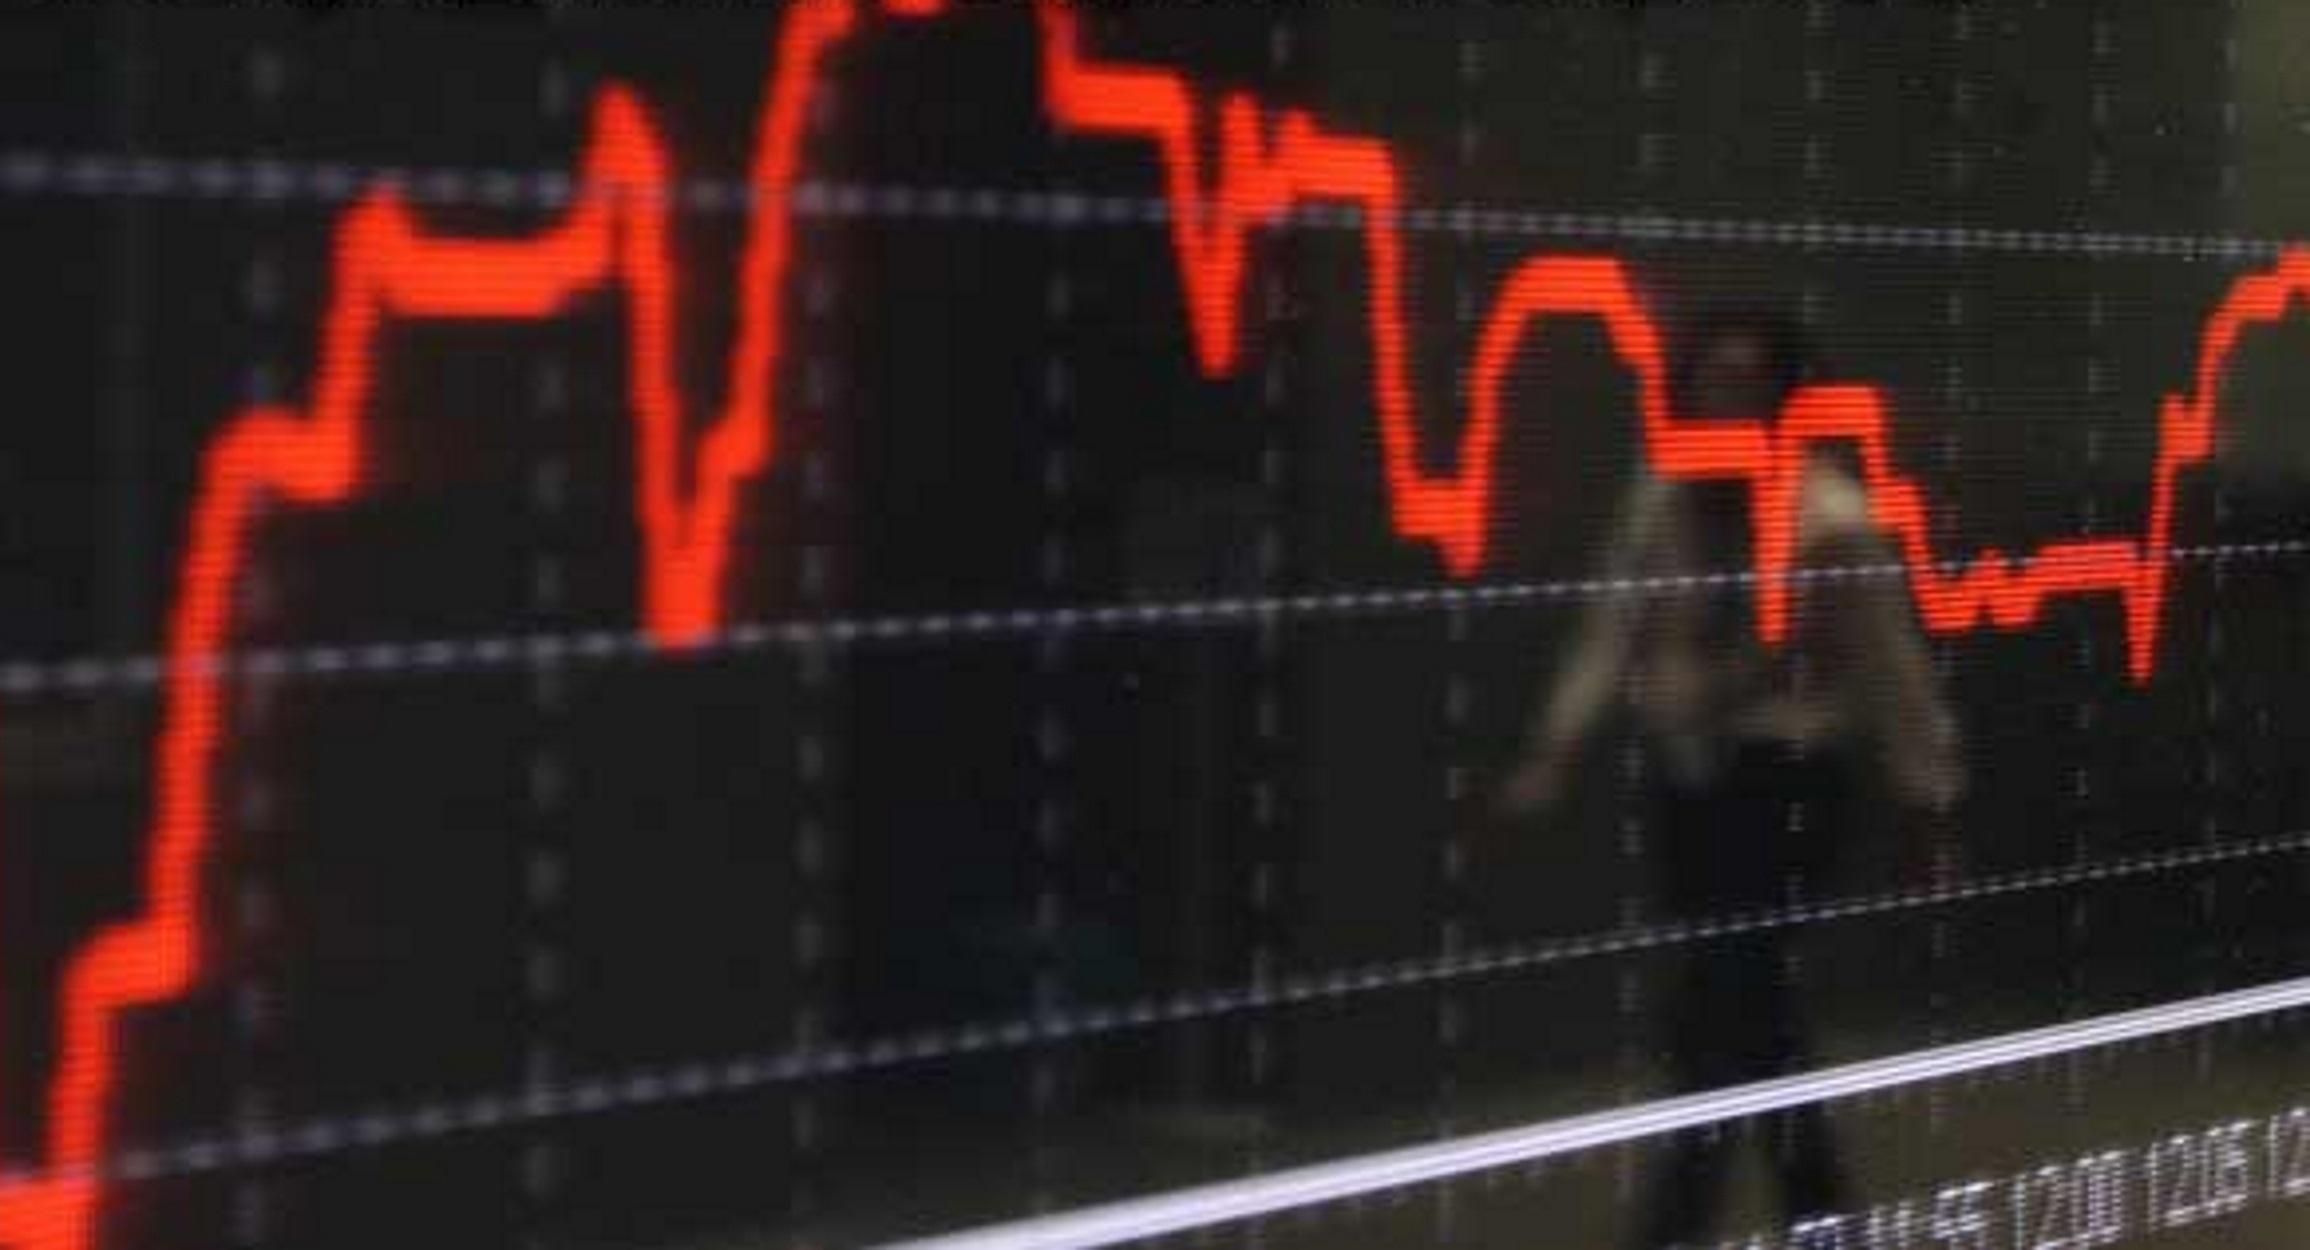 Χρηματιστήριο: Πτώση 0,15%, στα 71,59 εκατ. ευρώ ο τζίρος